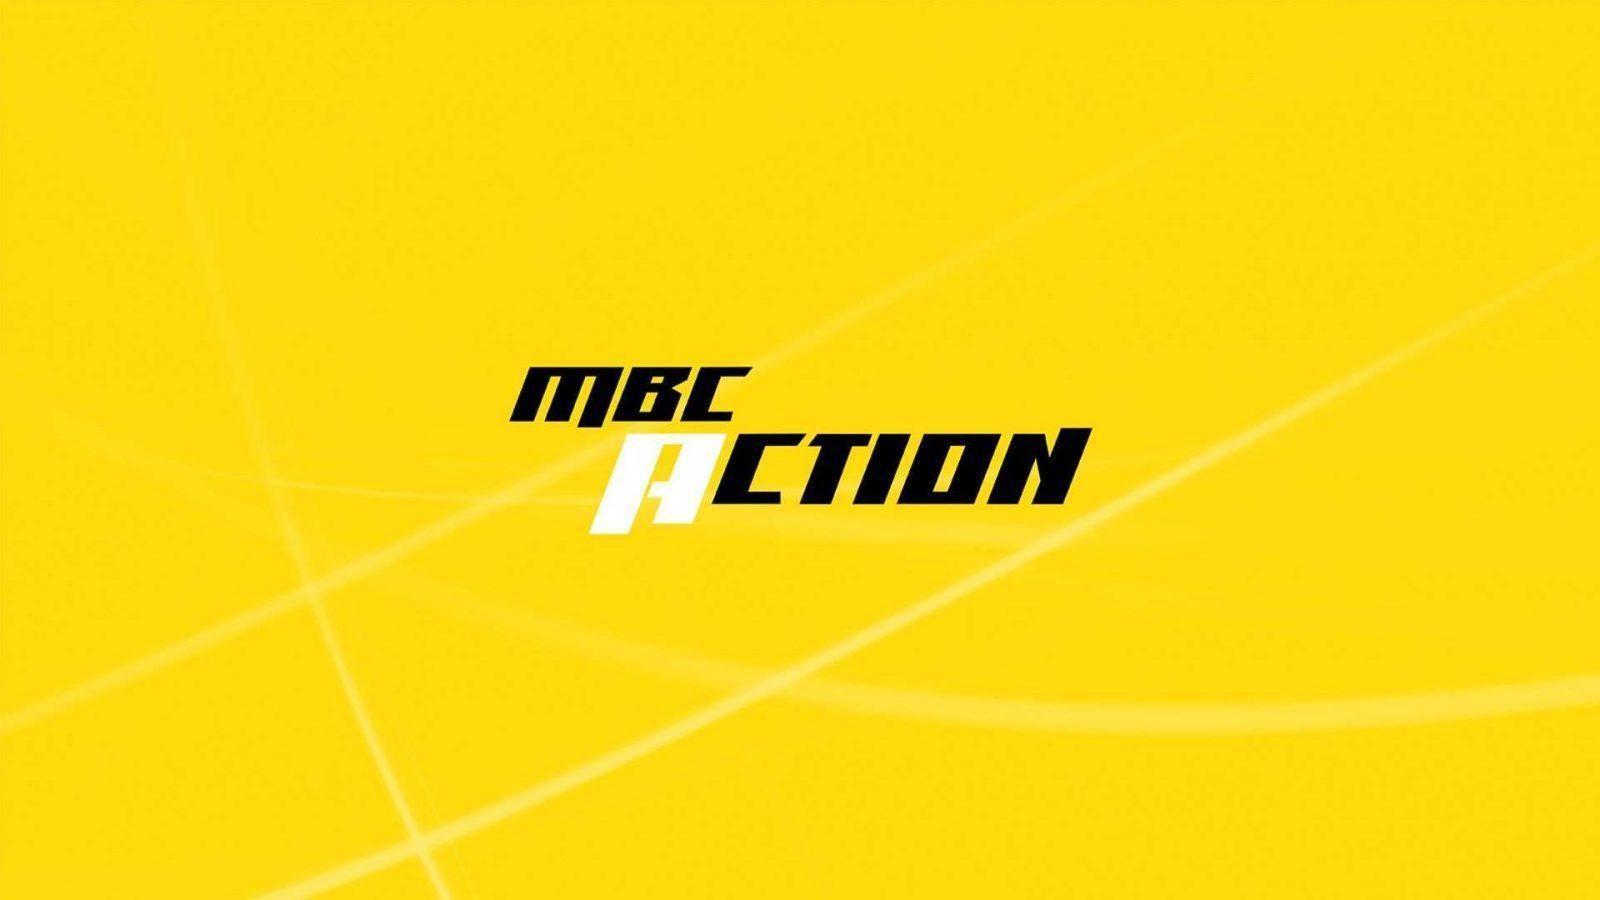 ضبط تردد قناة إم بي سي أكشن MBC Action الجديد 2019 على النايل سات وعرب سات